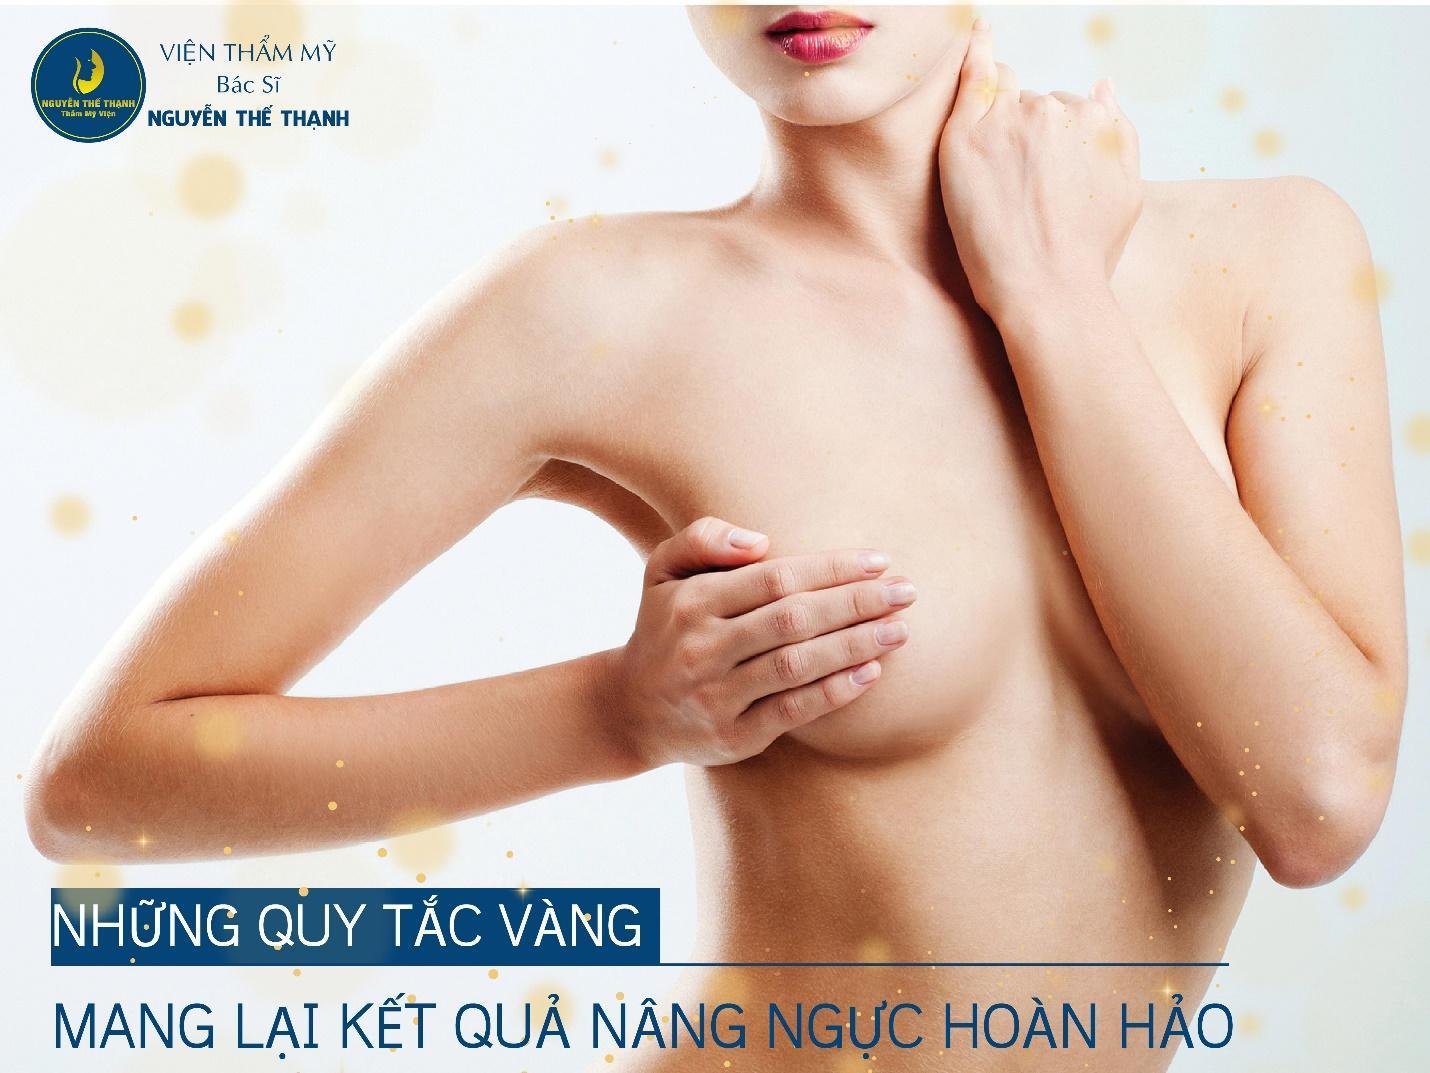 Những quy tắc vàng mang lại kết quả nâng ngực hoàn hảo  - Ảnh 1